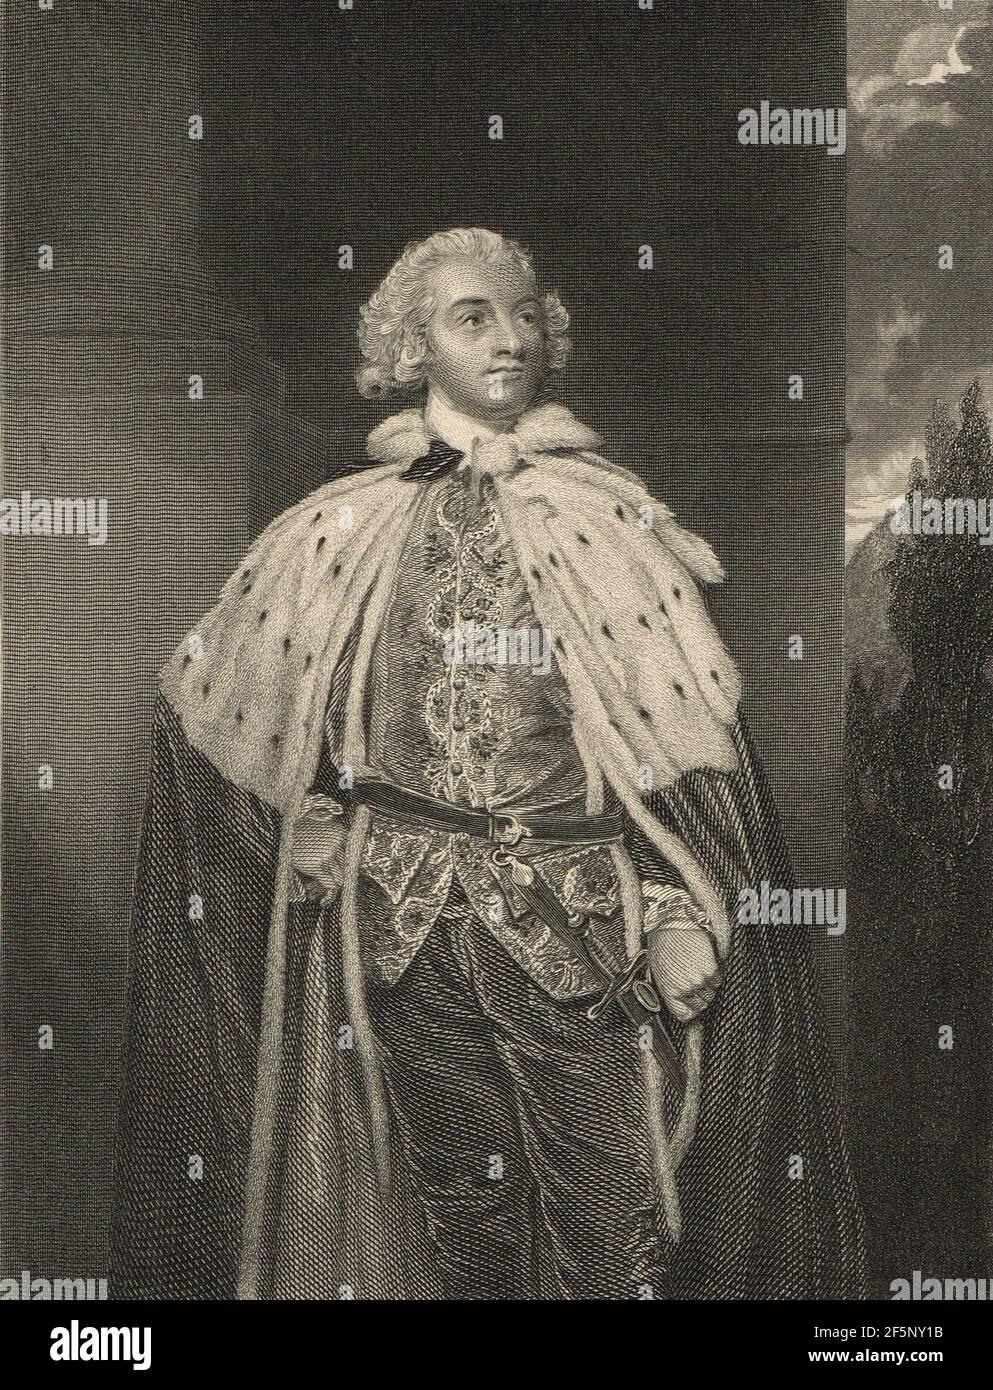 John Fane, 10e comte de Westmorland, nommé lieutenant d'Irlande par Pitt en 1790 Banque D'Images